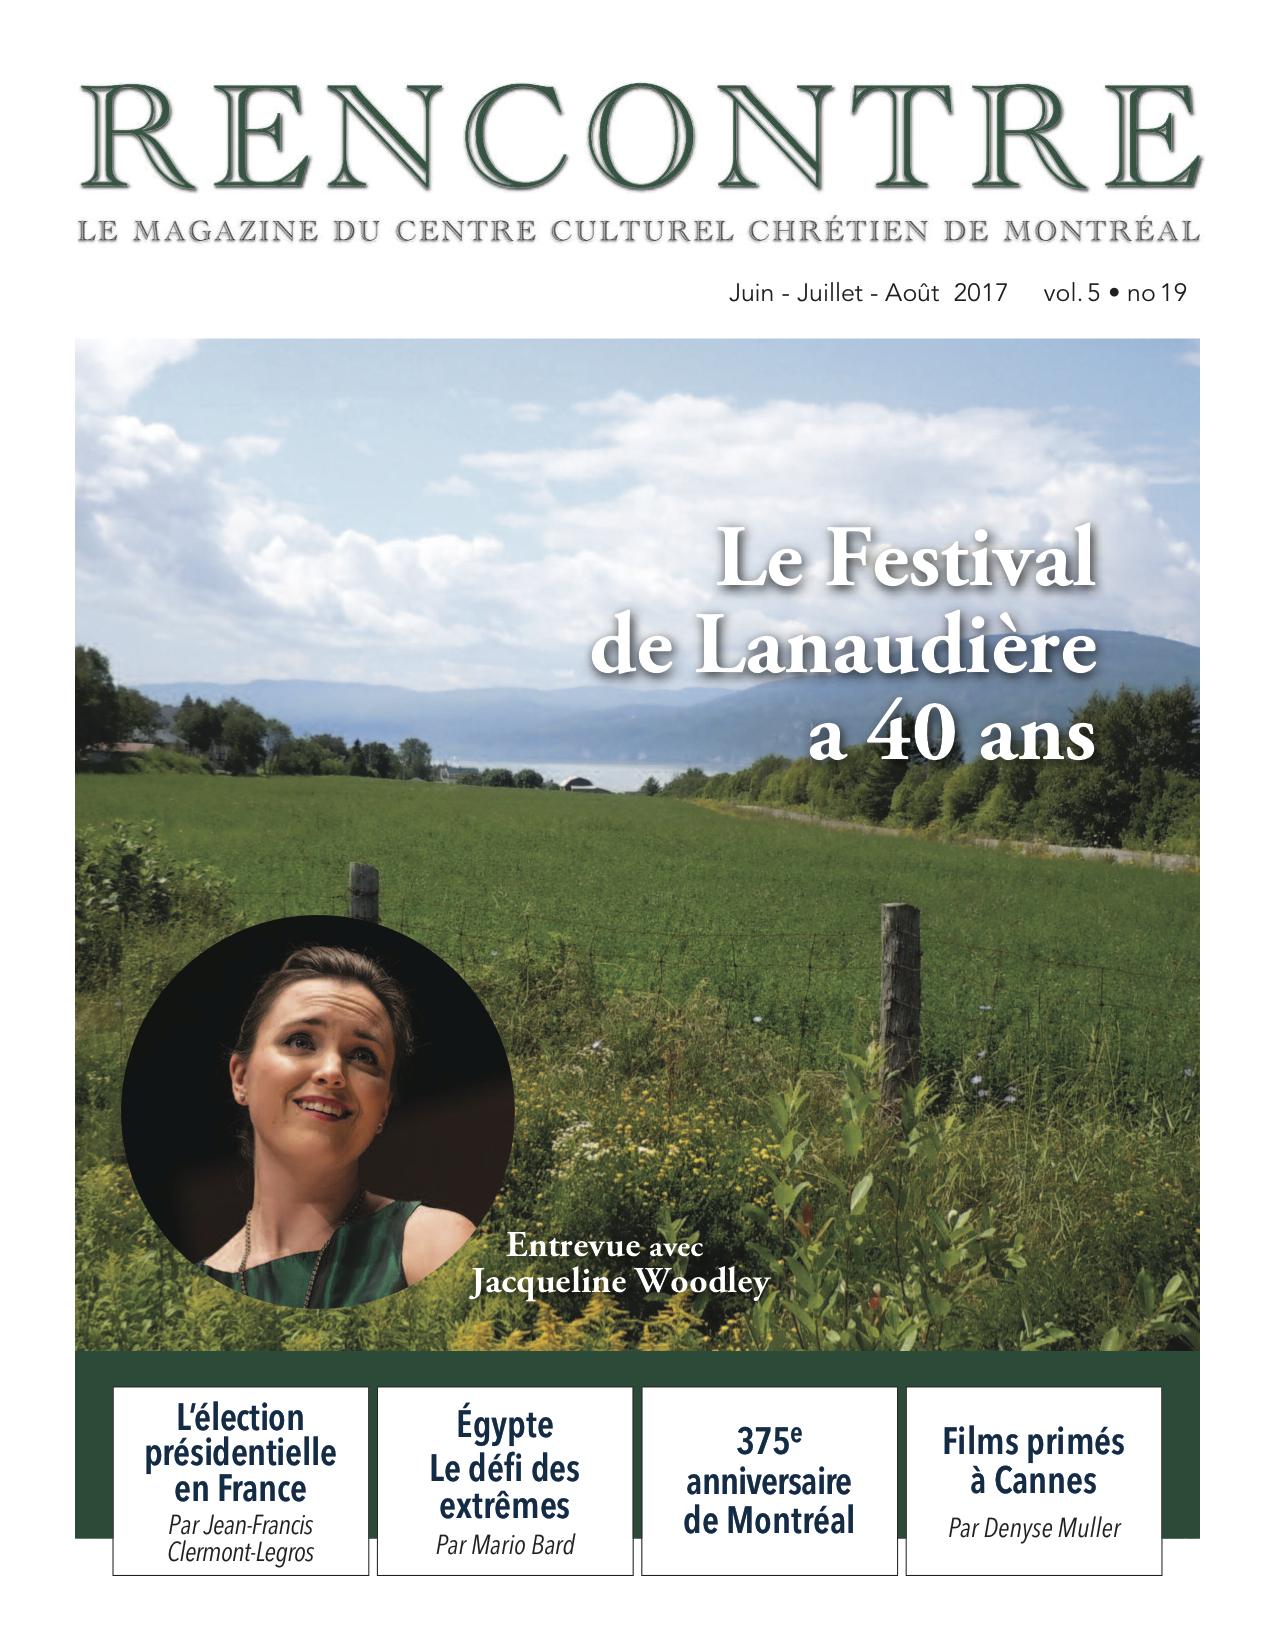 Webzine Rencontre, no 19